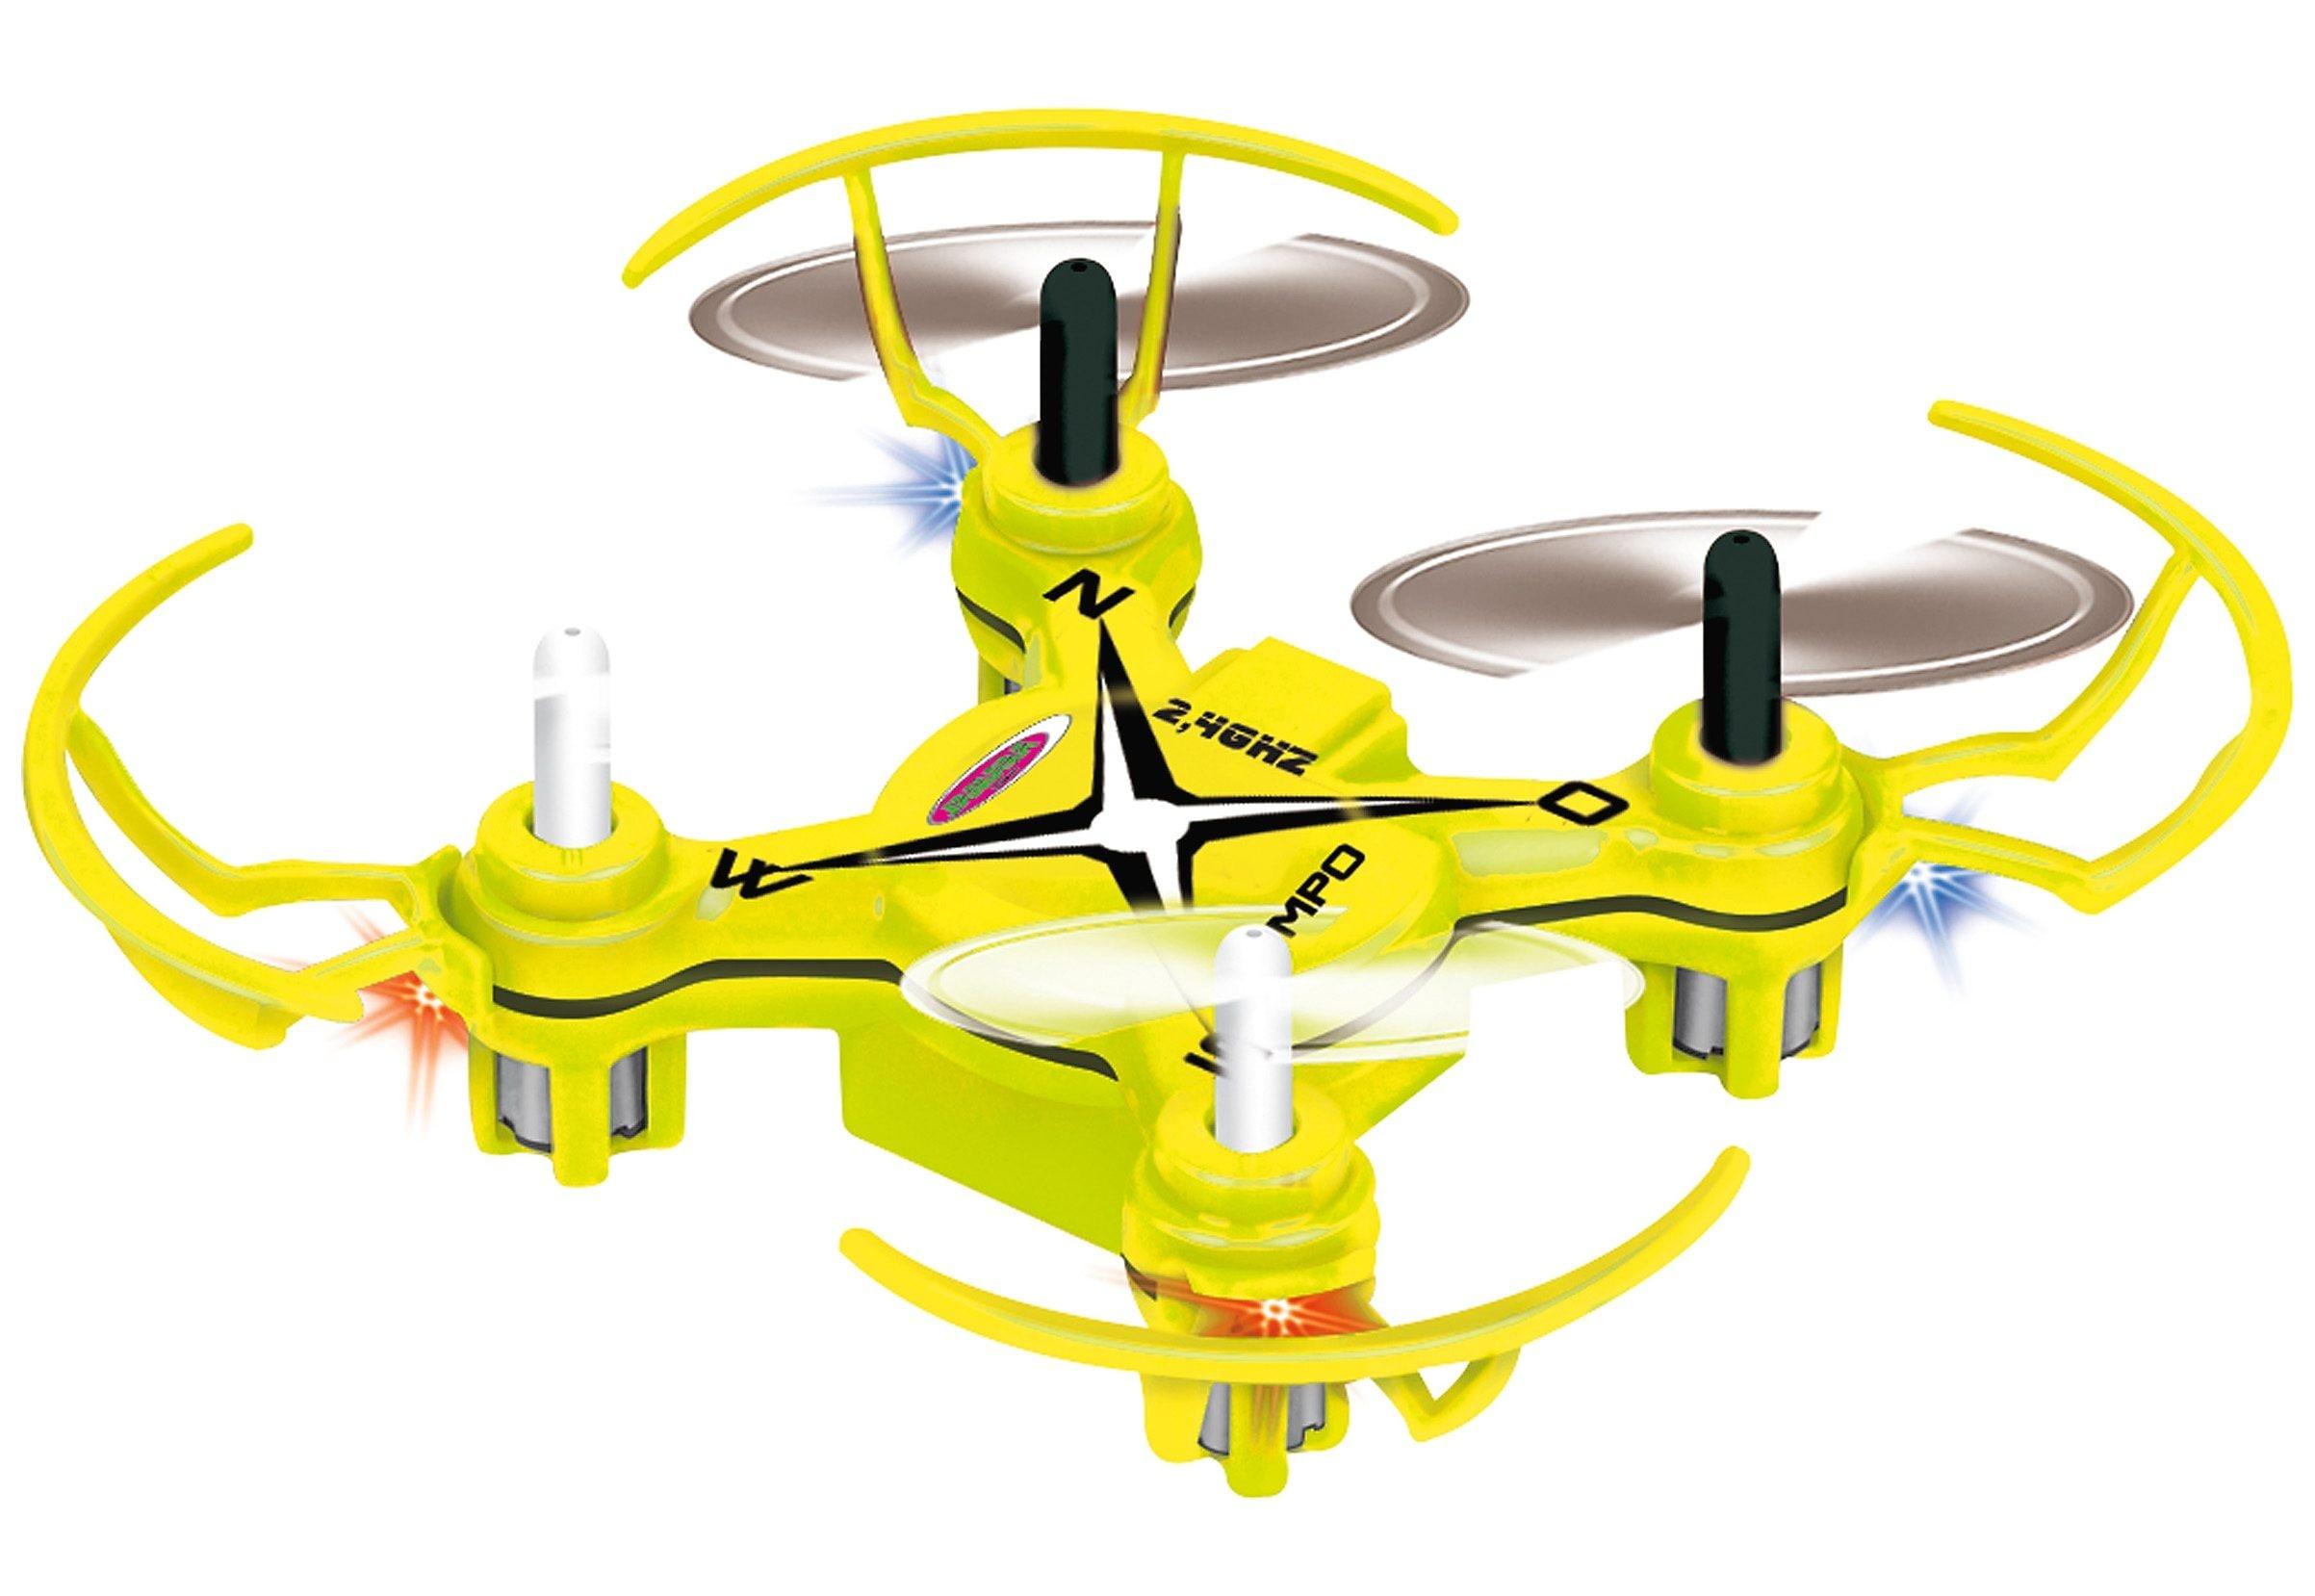 JAMARA RC - Quadrocopter, »Compo Quadrocopter m...